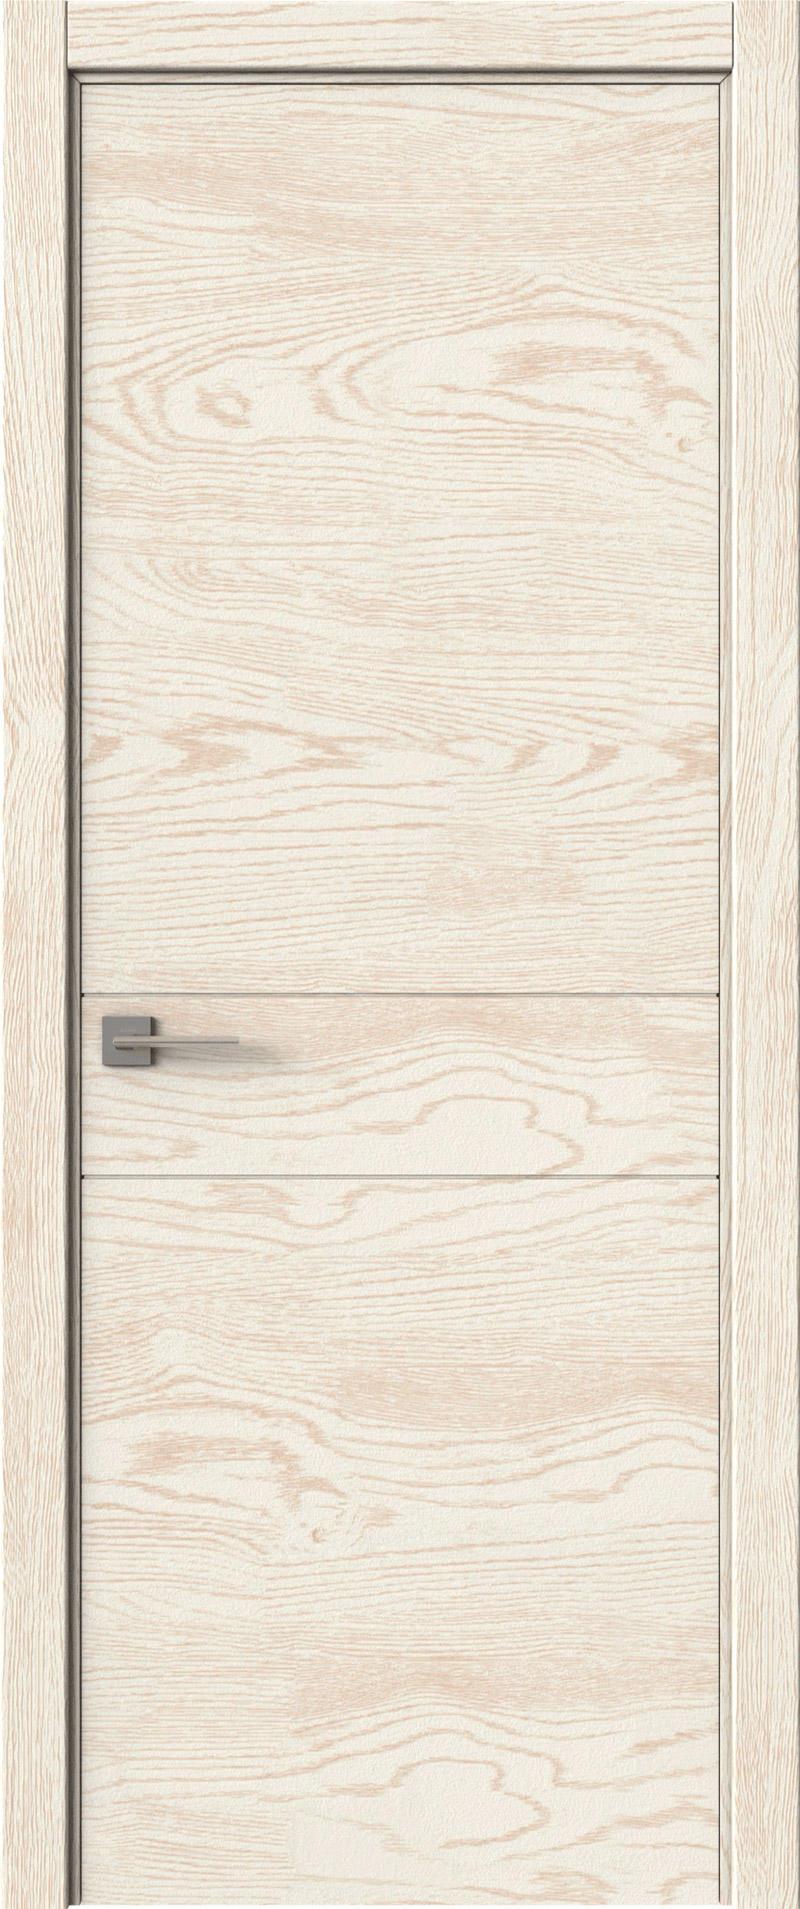 Tivoli И-2 цвет - Белый ясень (шпон) Без стекла (ДГ)